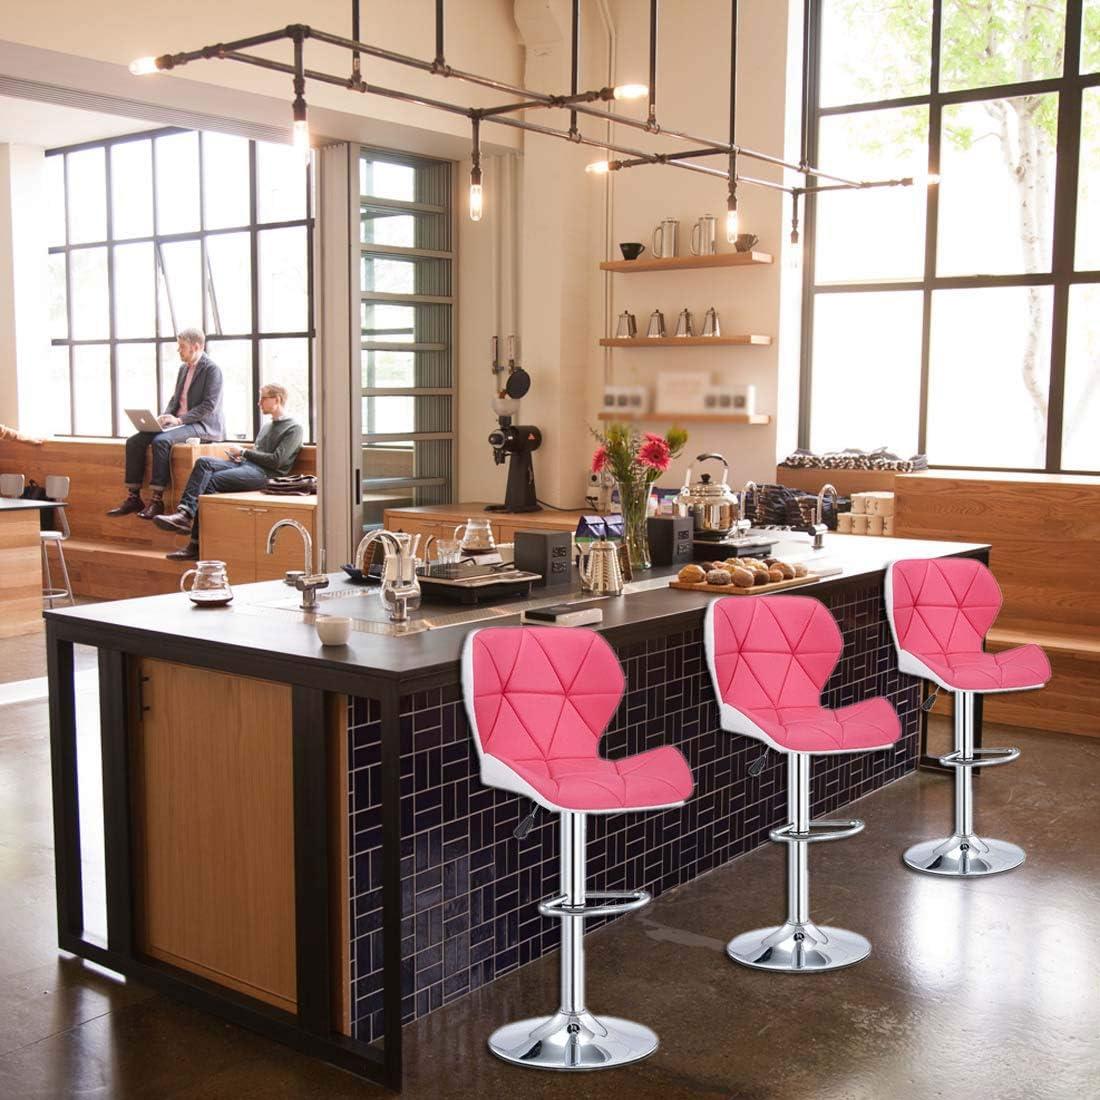 Rosa Taburete Redondo Bar con Respaldo XIGG Taburetes de Bar para Bar Cocina Restaurante Cuero Regulable en Altura y Giratorio